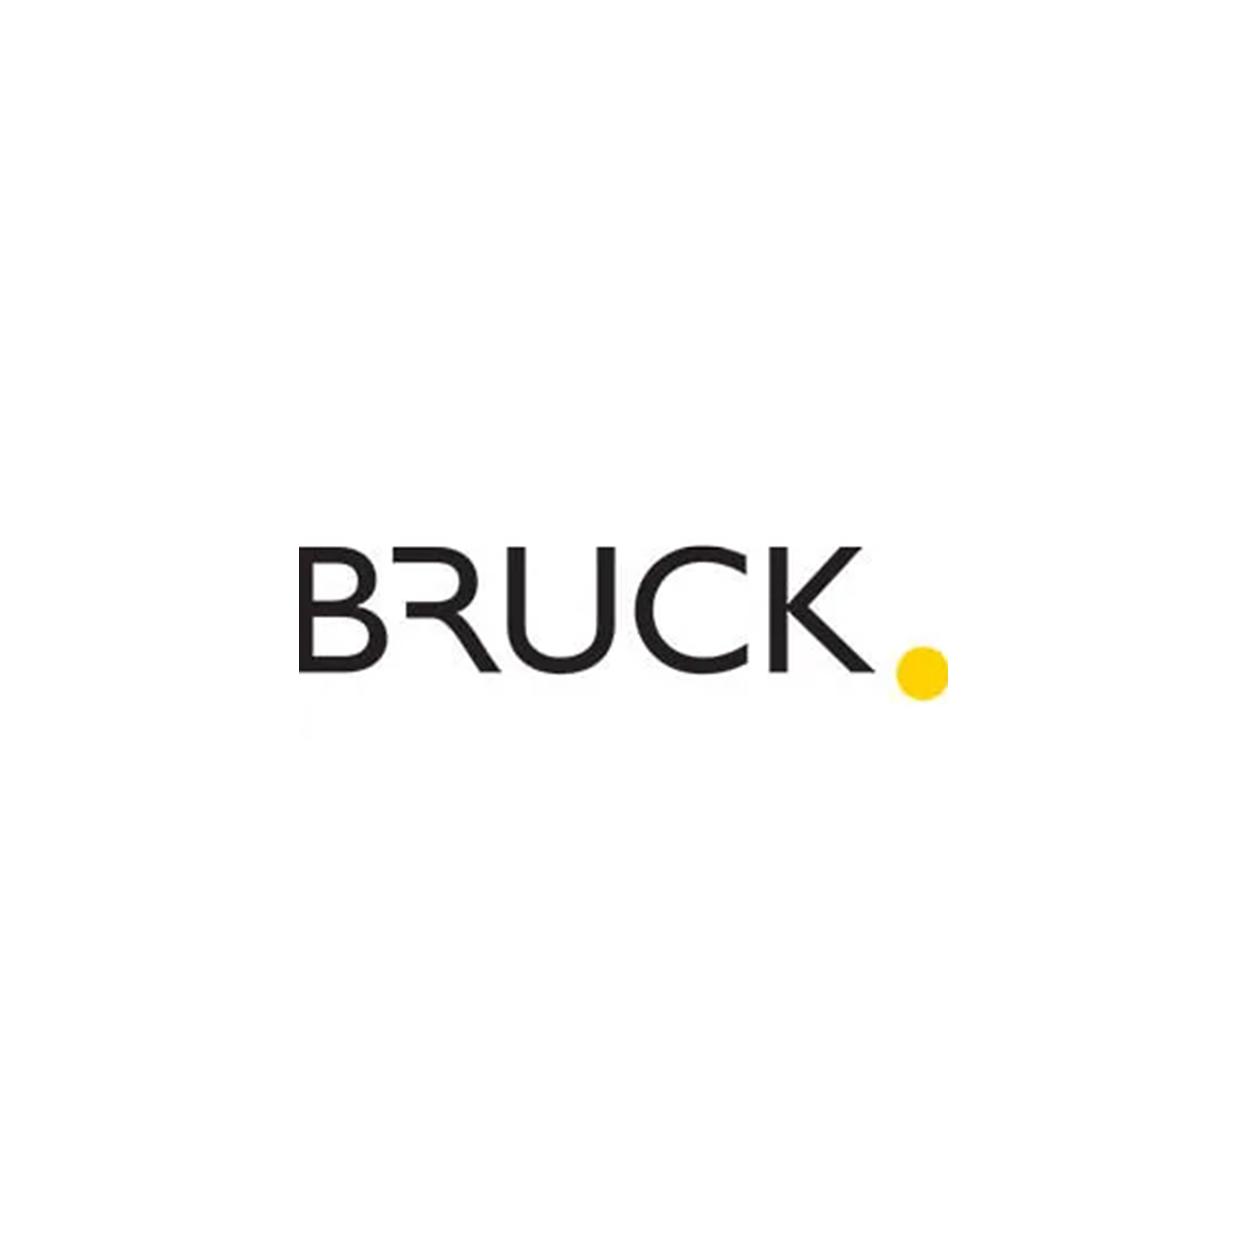 Bruck - Objekte Licht & Raum GmbH in Hamburg